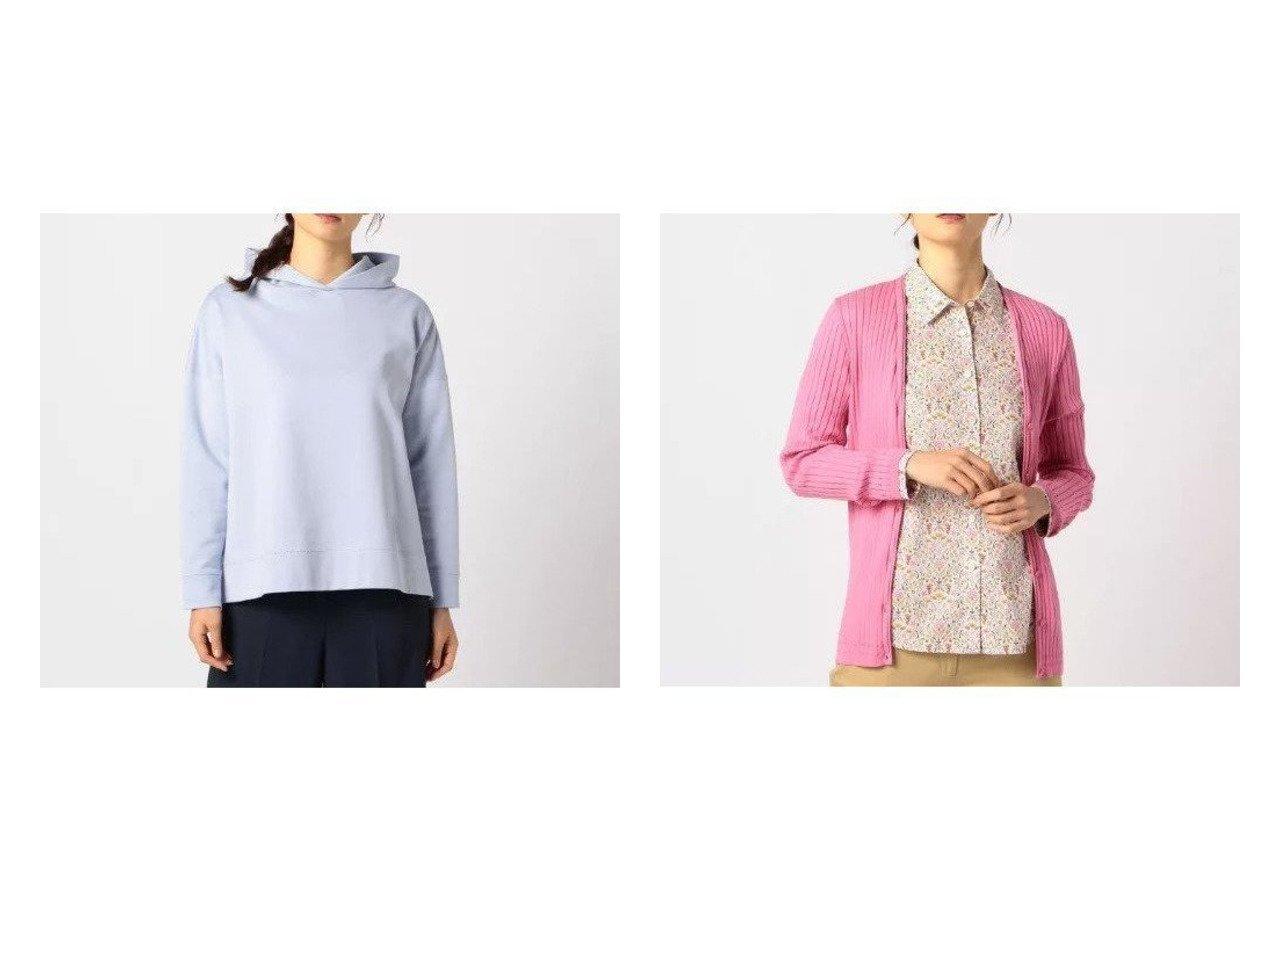 【SCAPA/スキャパ】のエンブレムウラケプルオーバーパーカ&リバーニットカーディガン トップス・カットソーのおすすめ!人気、トレンド・レディースファッションの通販 おすすめで人気の流行・トレンド、ファッションの通販商品 メンズファッション・キッズファッション・インテリア・家具・レディースファッション・服の通販 founy(ファニー) https://founy.com/ ファッション Fashion レディースファッション WOMEN トップス カットソー Tops Tshirt パーカ Sweats プルオーバー Pullover スウェット Sweat ニット Knit Tops カーディガン Cardigans ショルダー スウェット スリット トレンド ドロップ バランス パーカー ワンポイント 今季 カーディガン シルク フィット フロント |ID:crp329100000024190